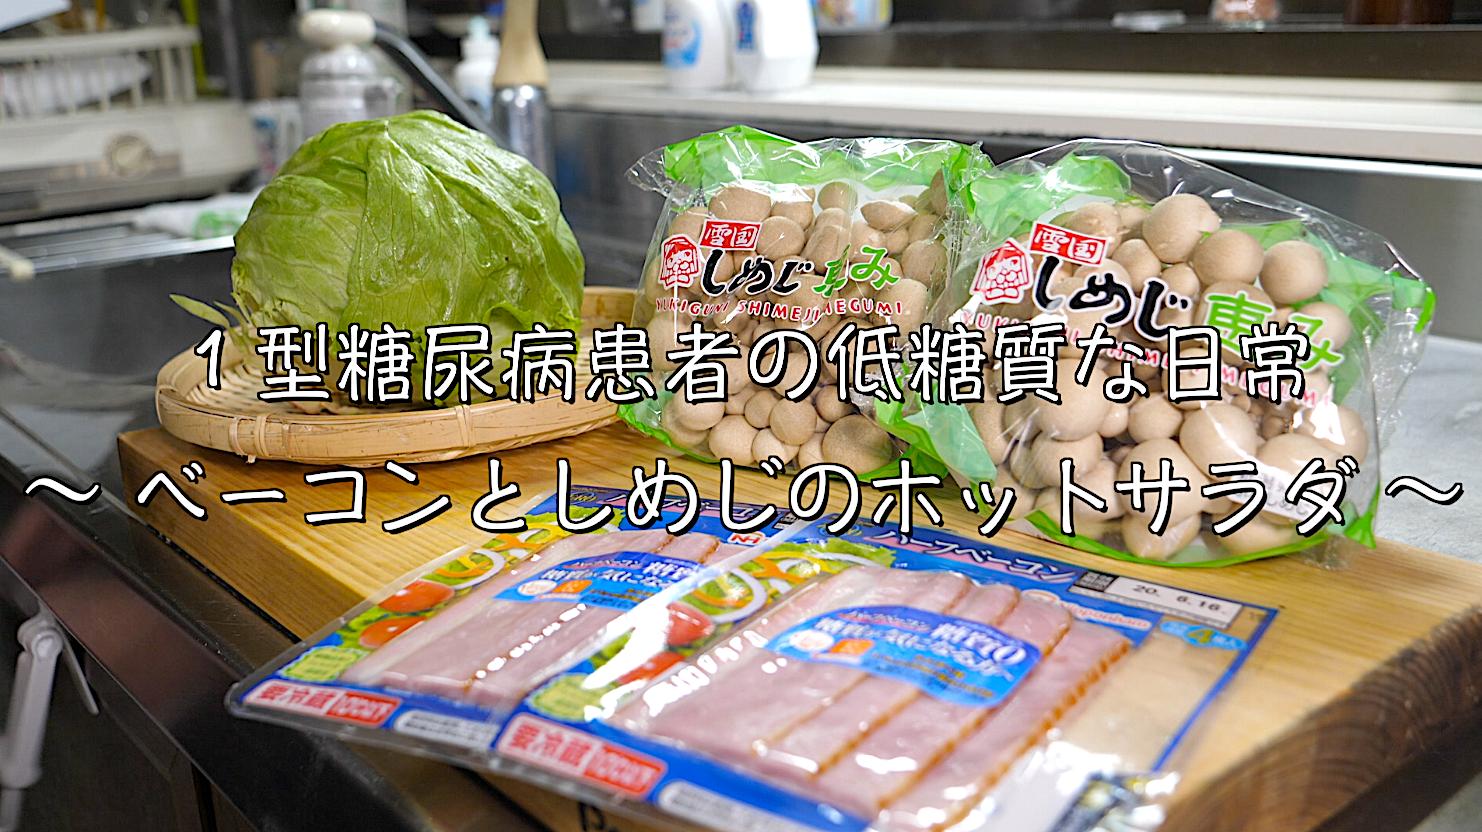 しめじ ベーコン サラダ レシピ